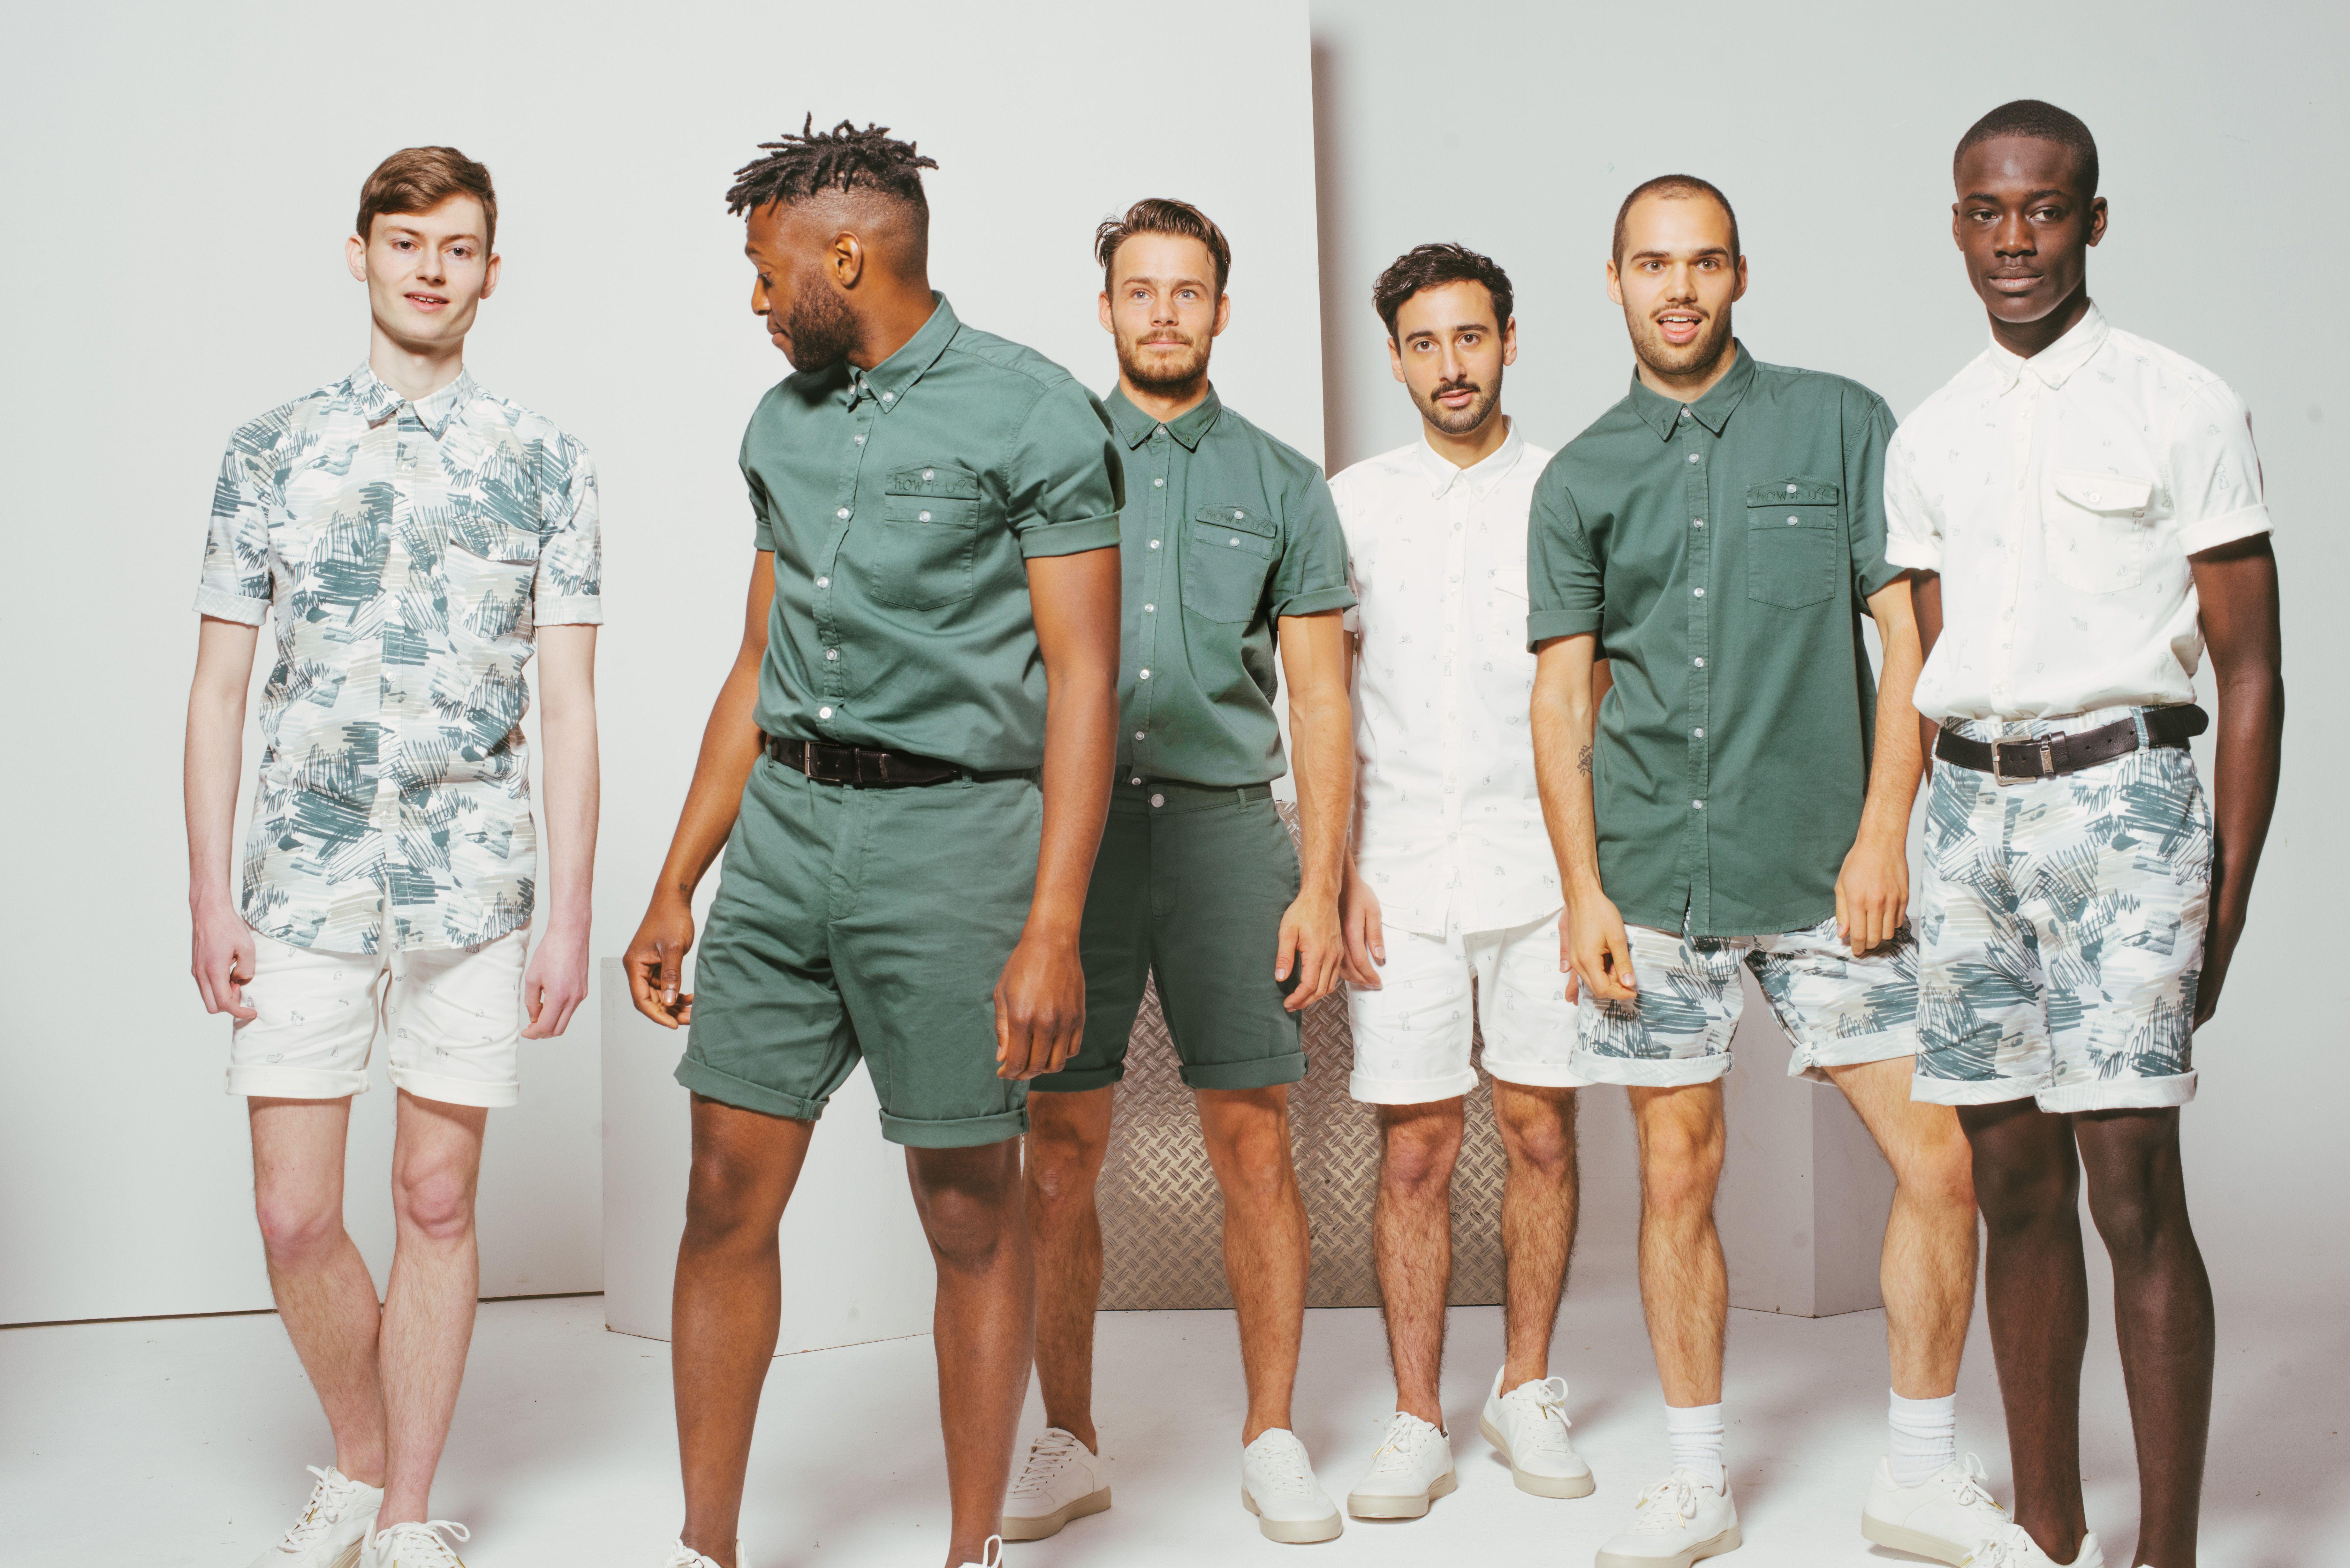 Ton sur ton festival outfit men projects newd studios